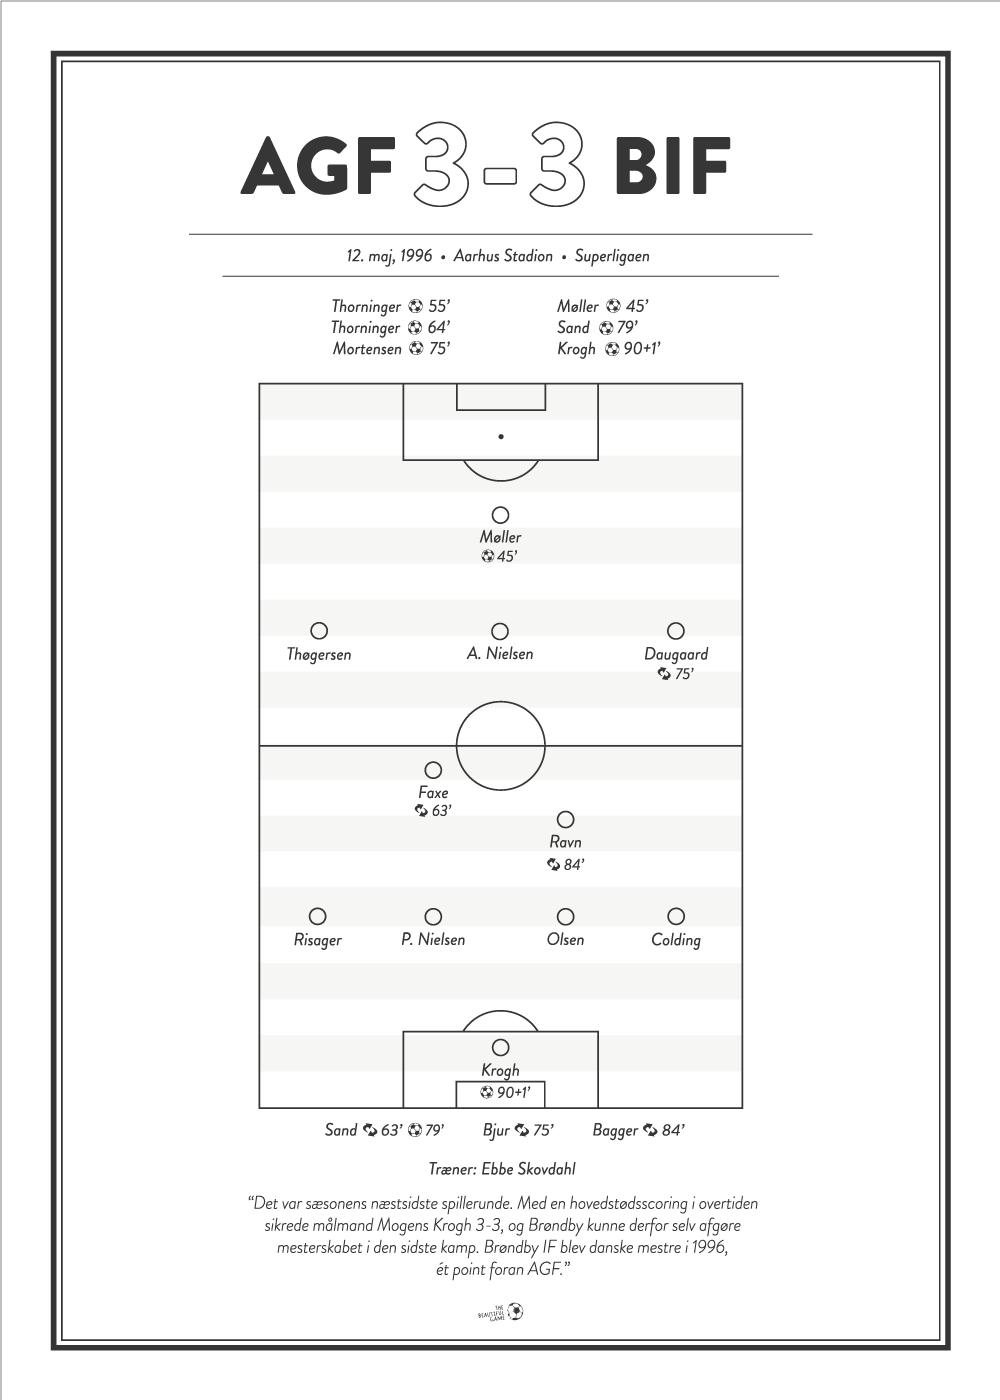 Billede af AGF - BIF 3-3 Superligaen 1996 plakat